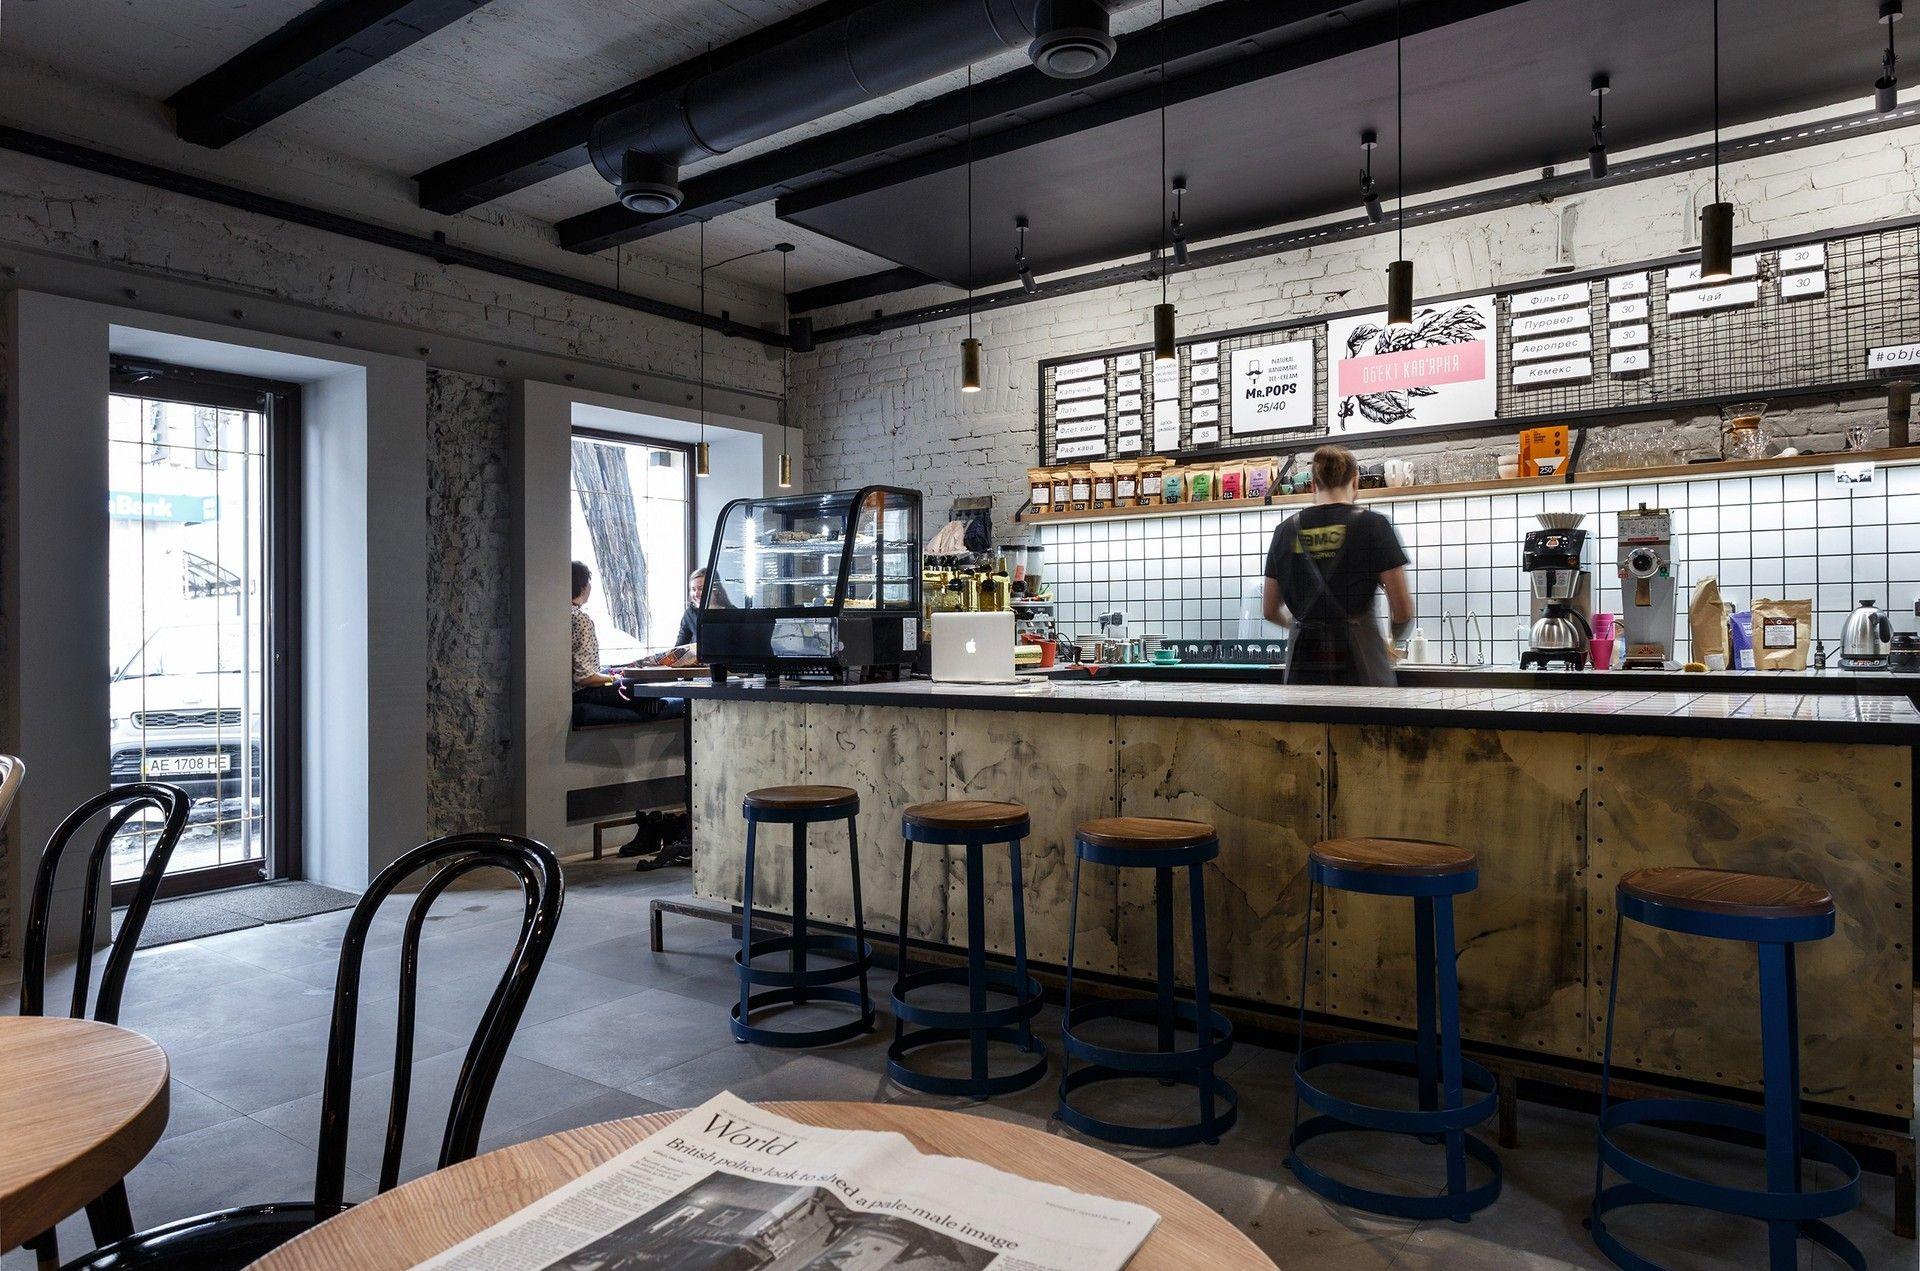 Pin de PACA en De bares | Pinterest | Bar